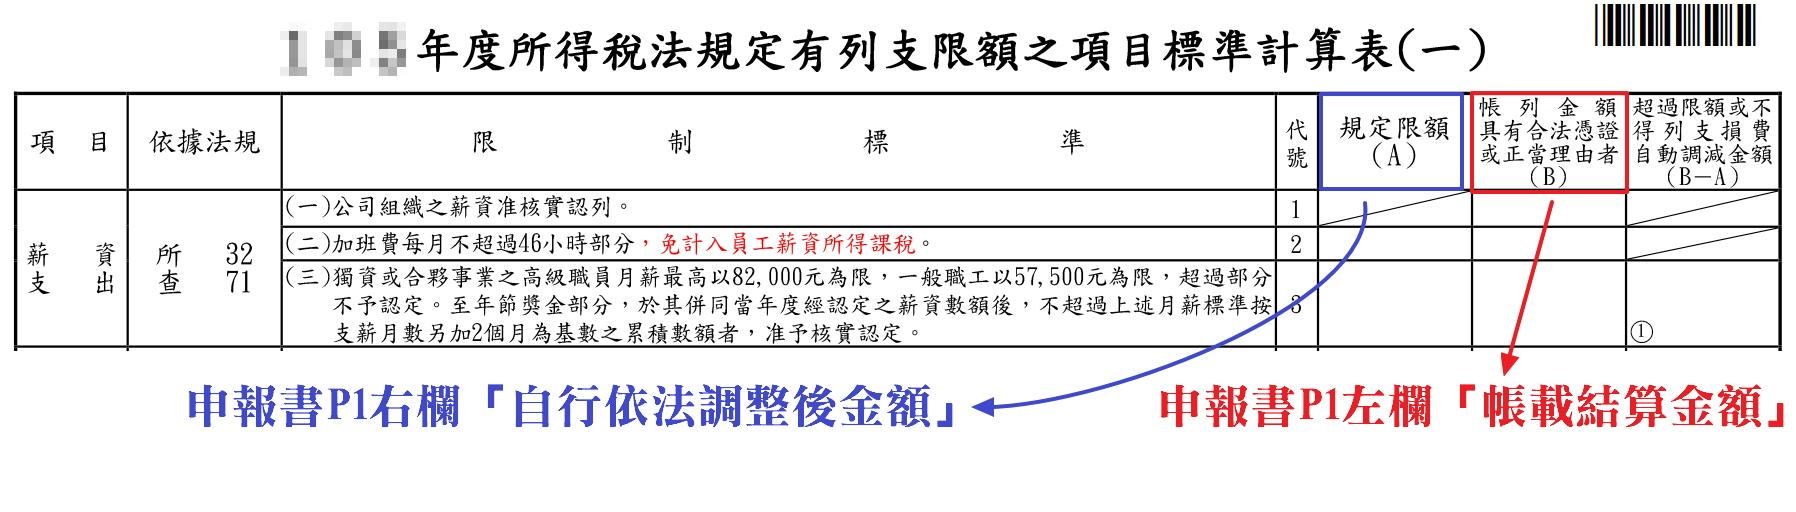 5000營所稅費損認列3+1通則 – 企業稅務實務